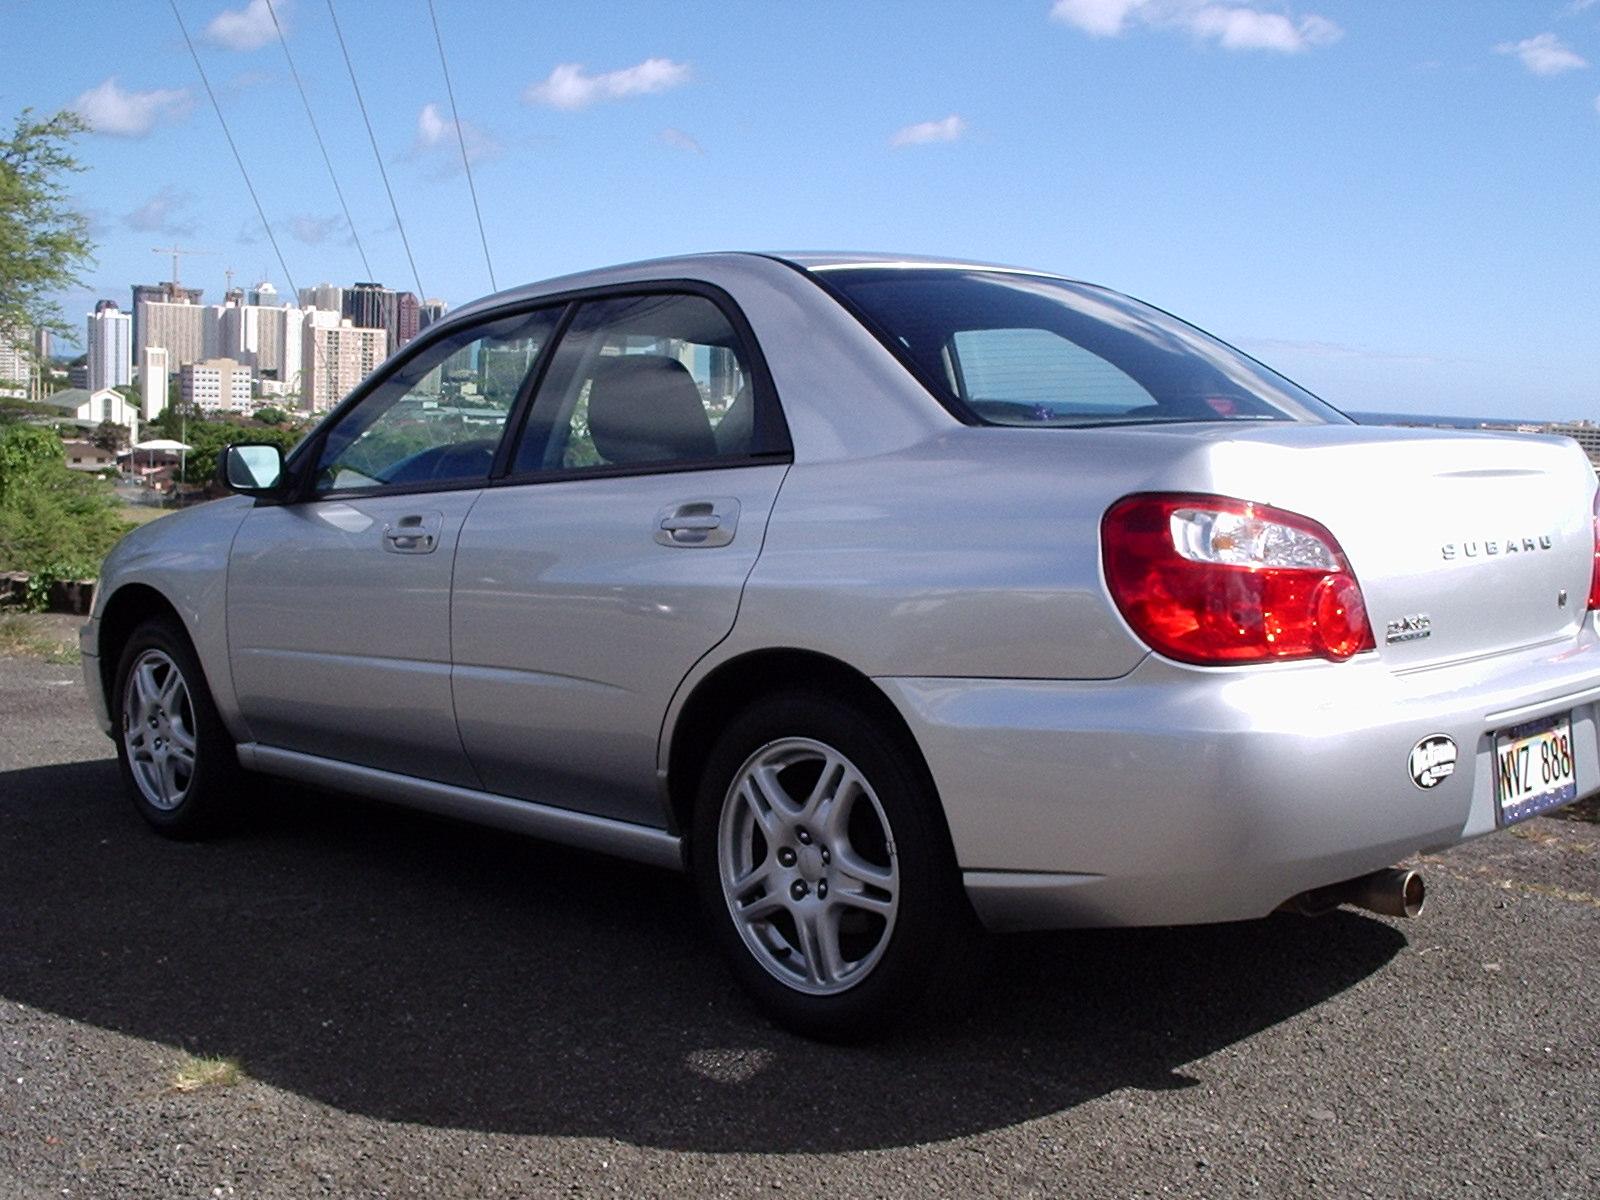 2005 Subaru Impreza Pictures Cargurus